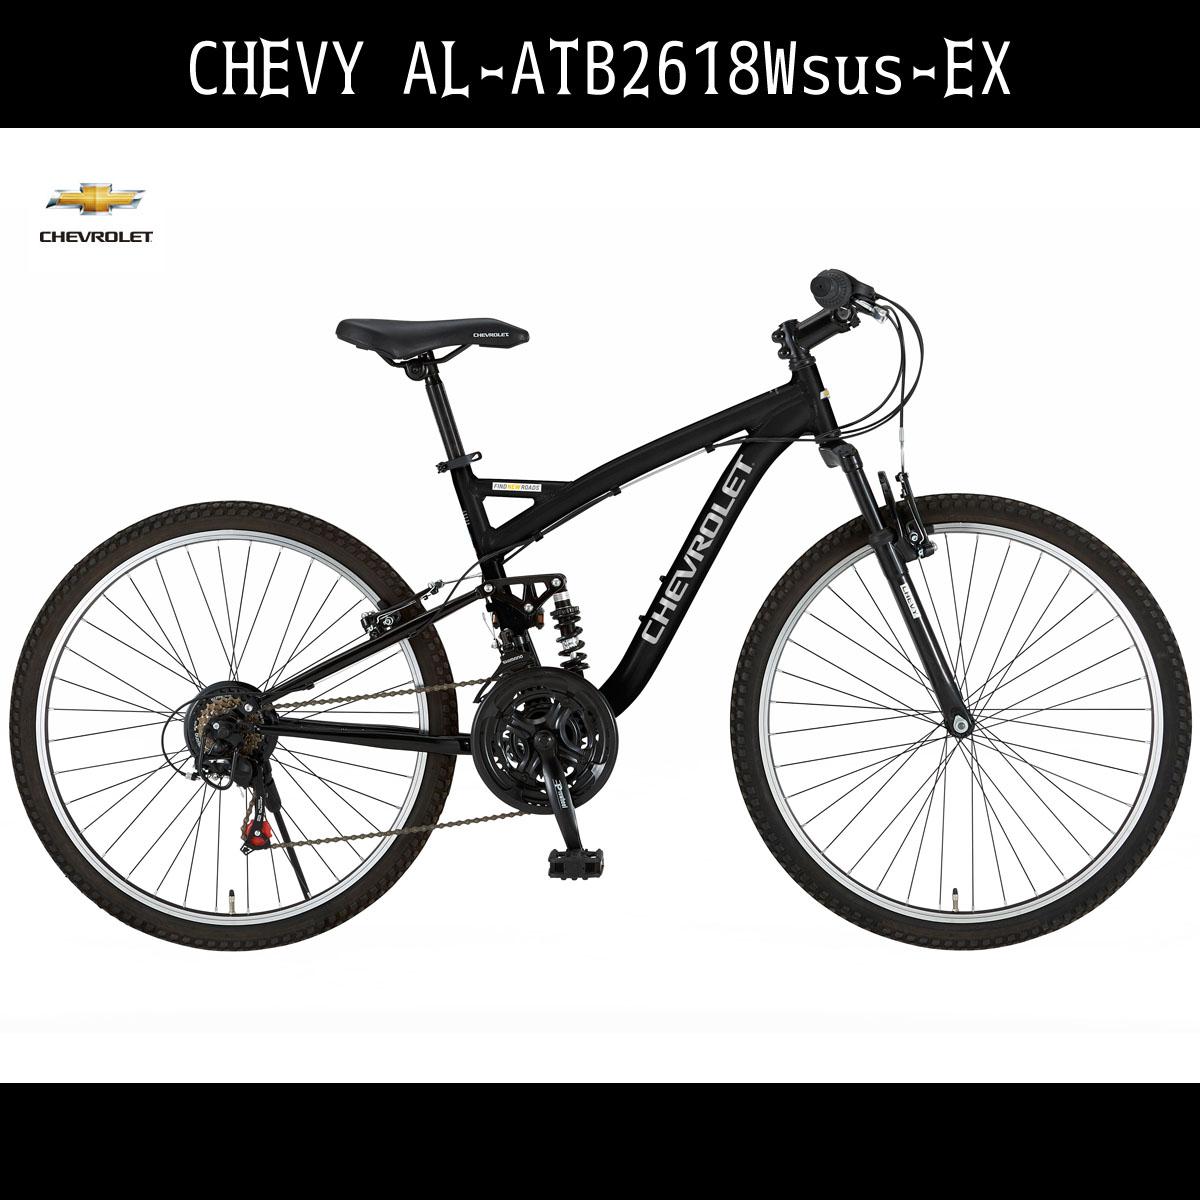 配送先一都三県一部地域限定送料無料 シボレー マウンテンバイク 自転車 ブラック/黒色26インチ 外装18段変速ギア アルミ CHEVROLET CHEVY(シェビー)自転車 シボレー AL-ATB2618EX アルミニウム おしゃれ